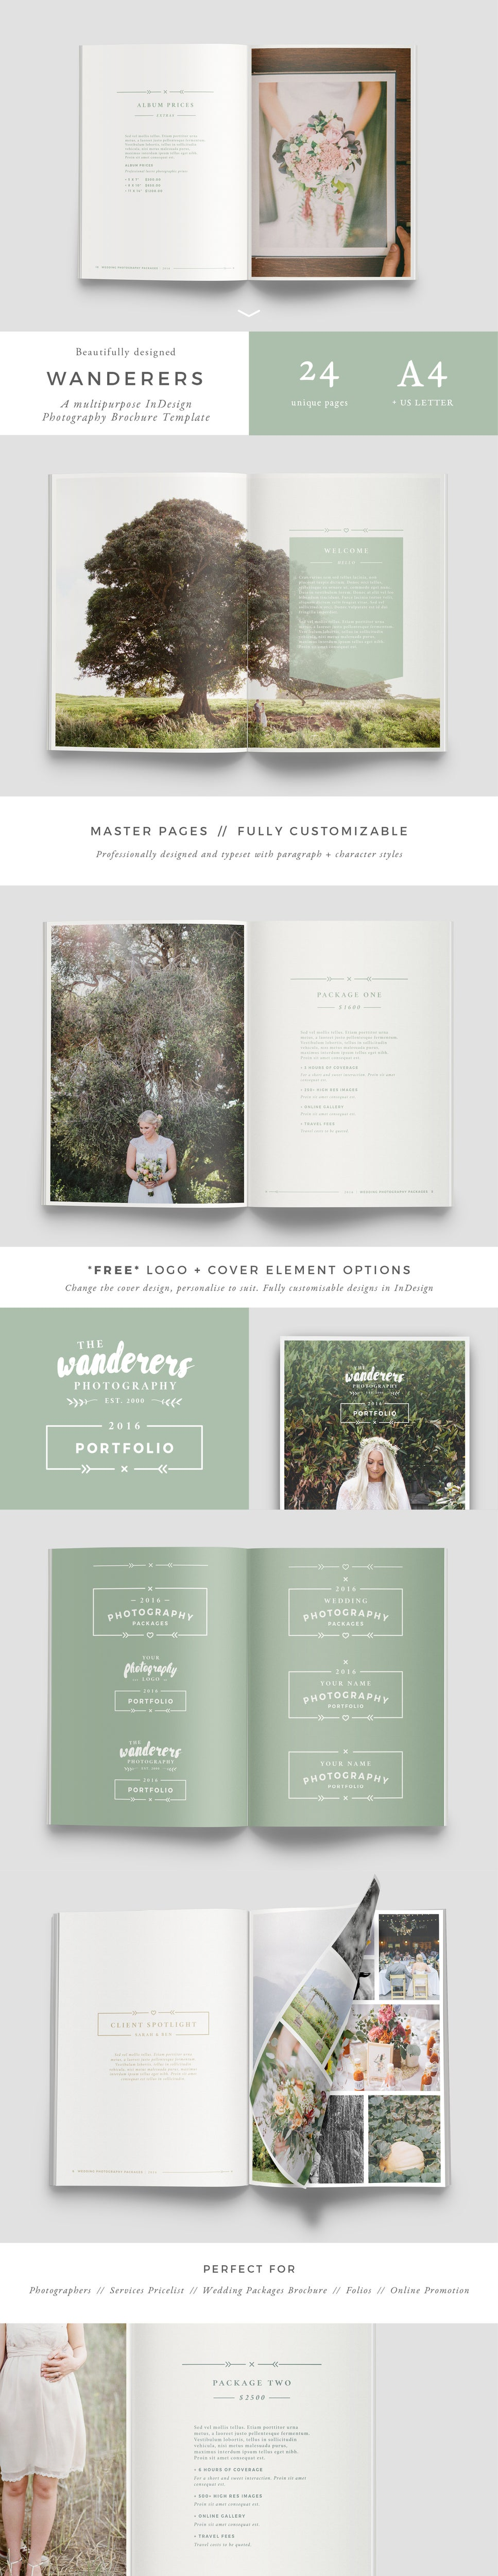 Image of WANDERERS Photography Brochure